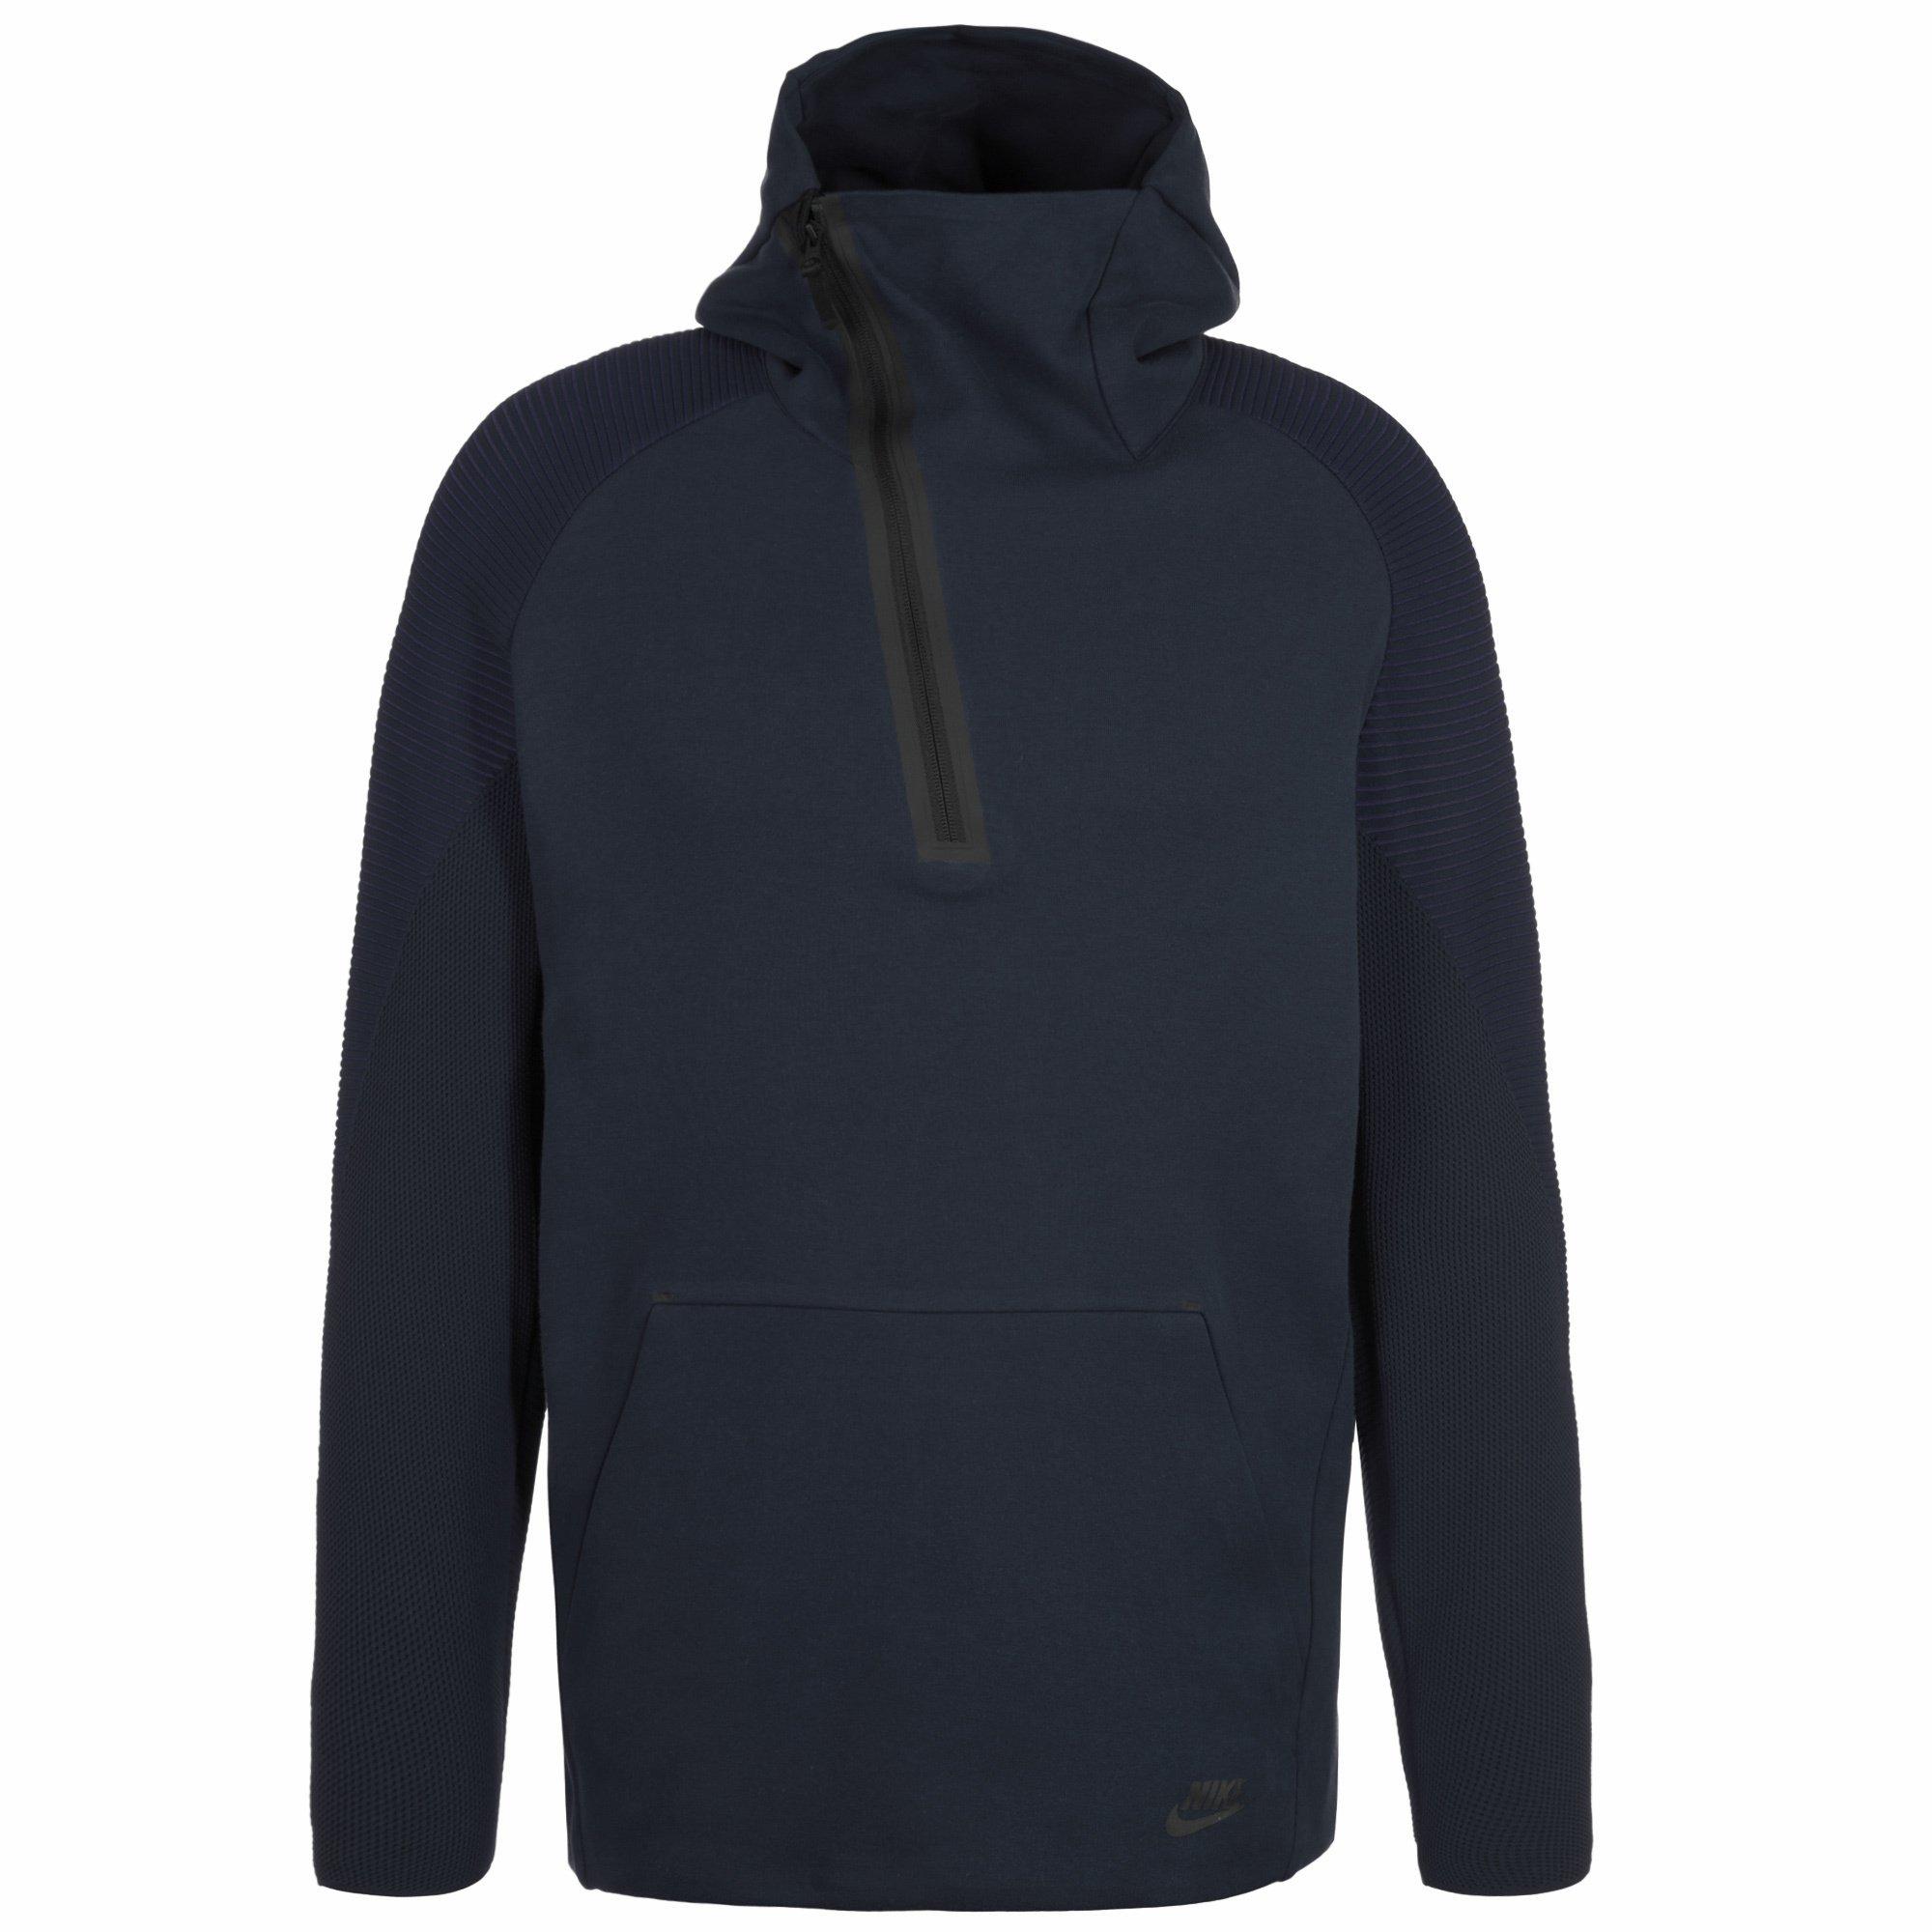 Nike Sportswear Mens Tech Fleece Hoodie 805655 Jacket (XX-Large, Navy 451) by NIKE